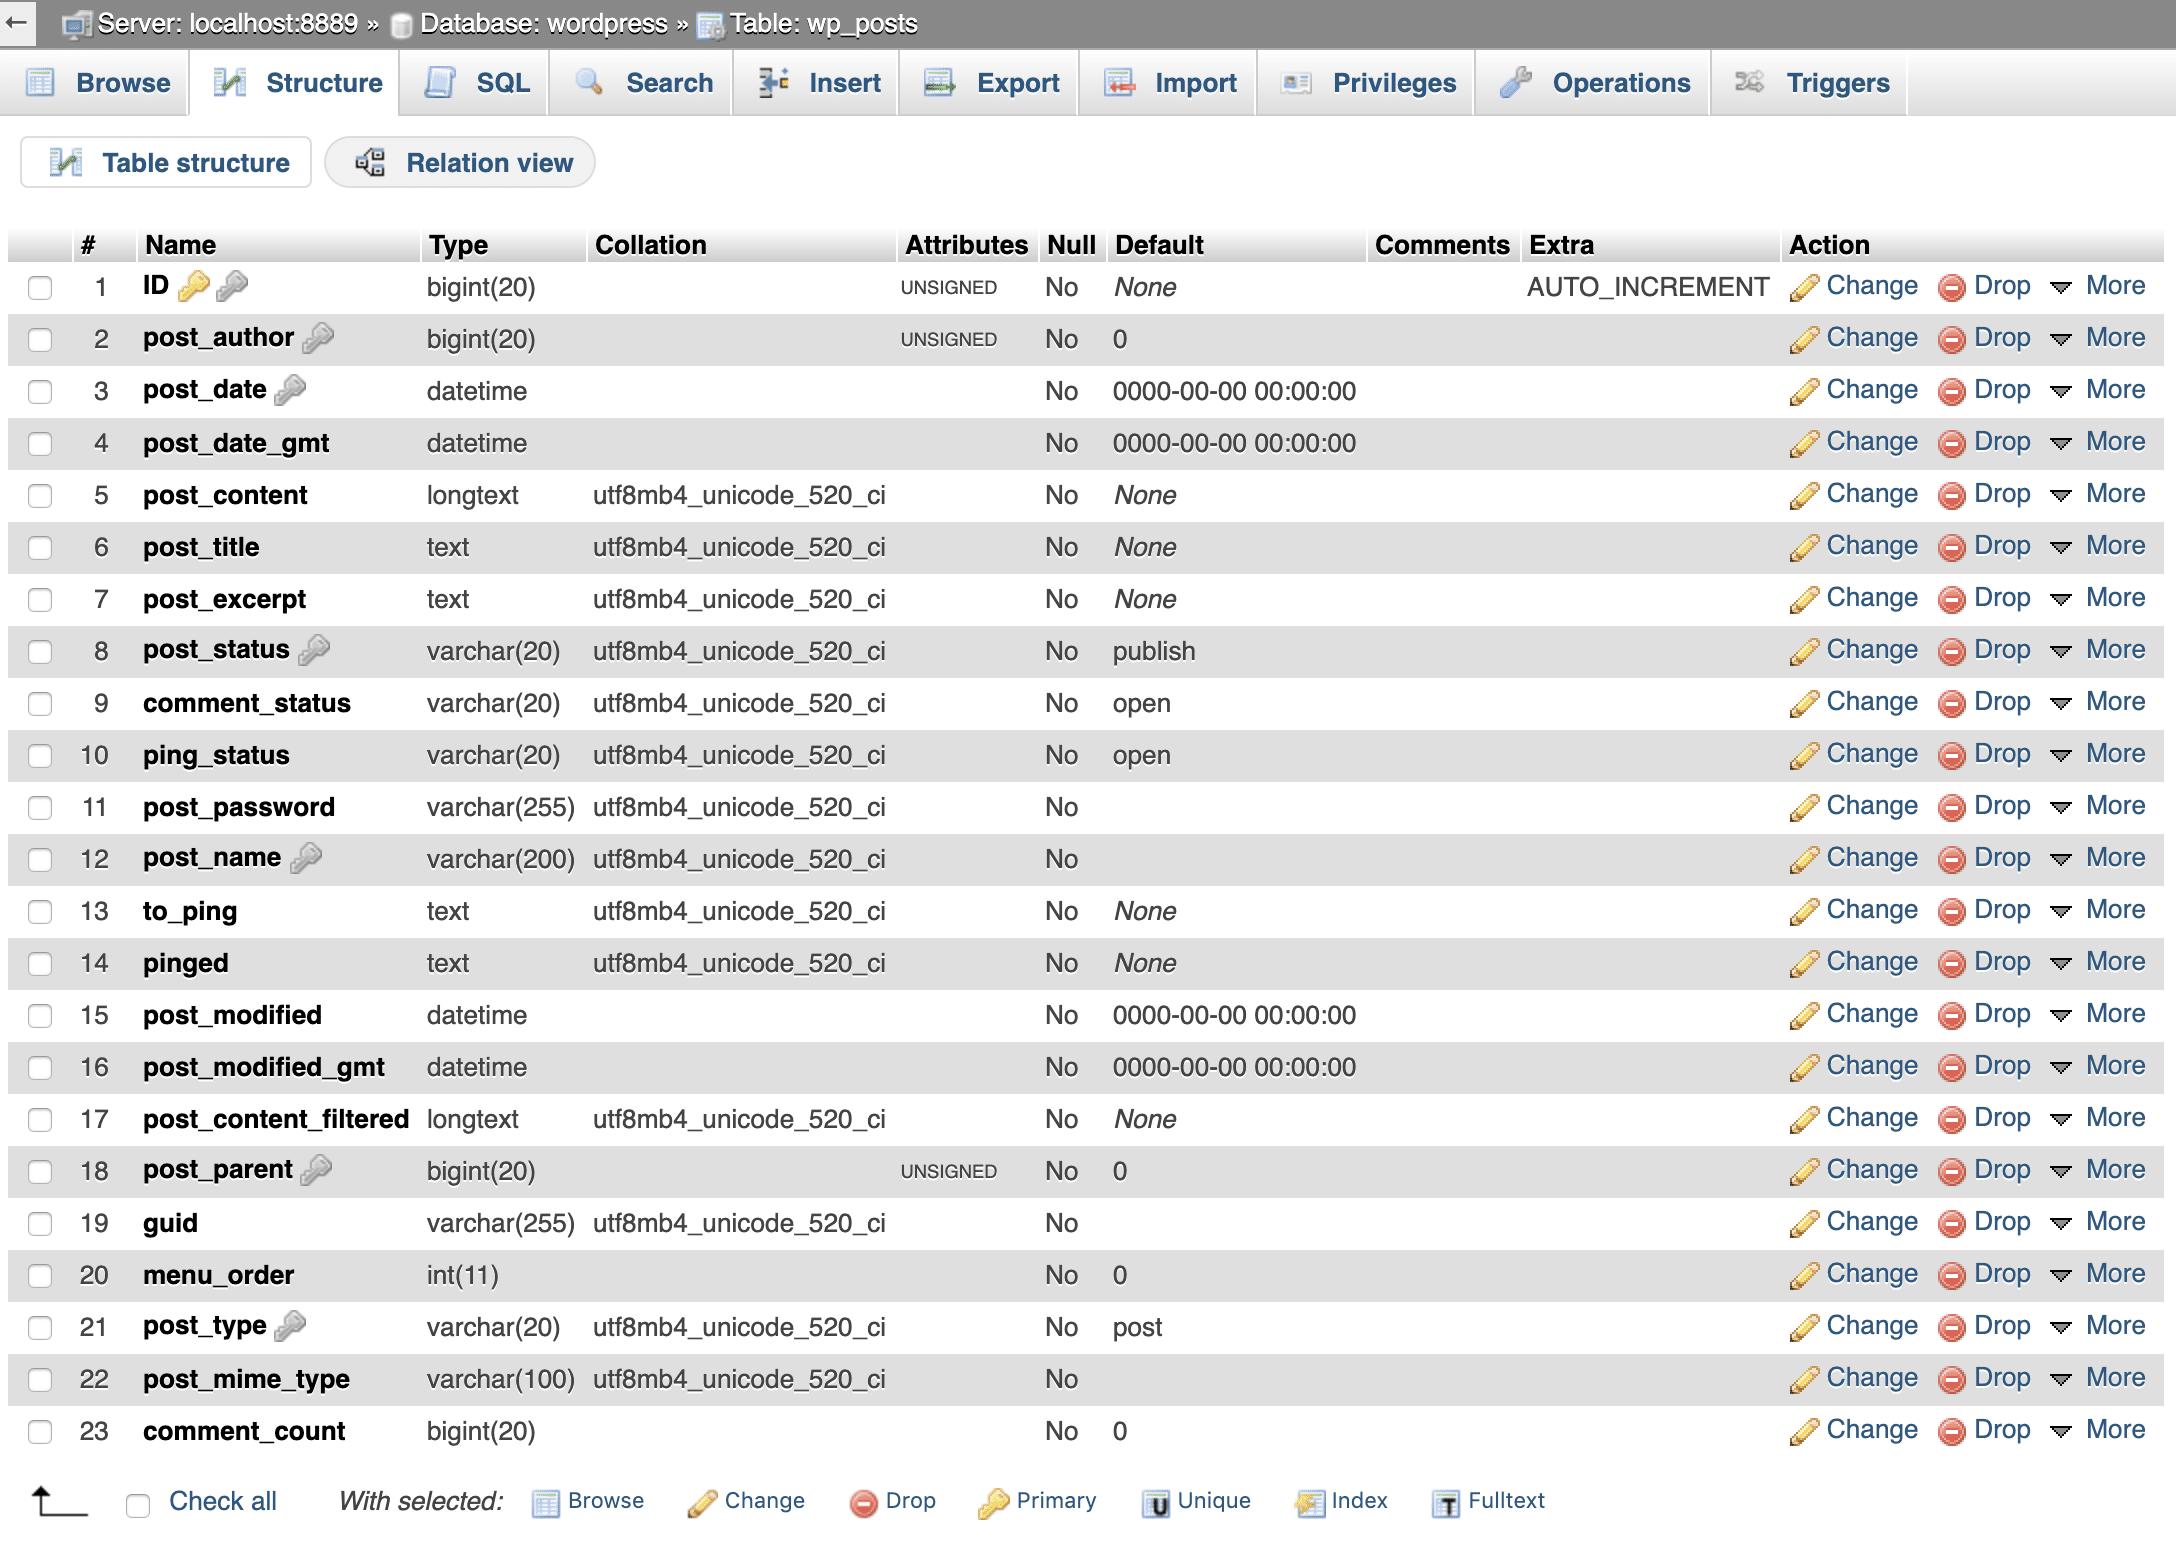 phpMyAdminのwp_postsテーブルの構造